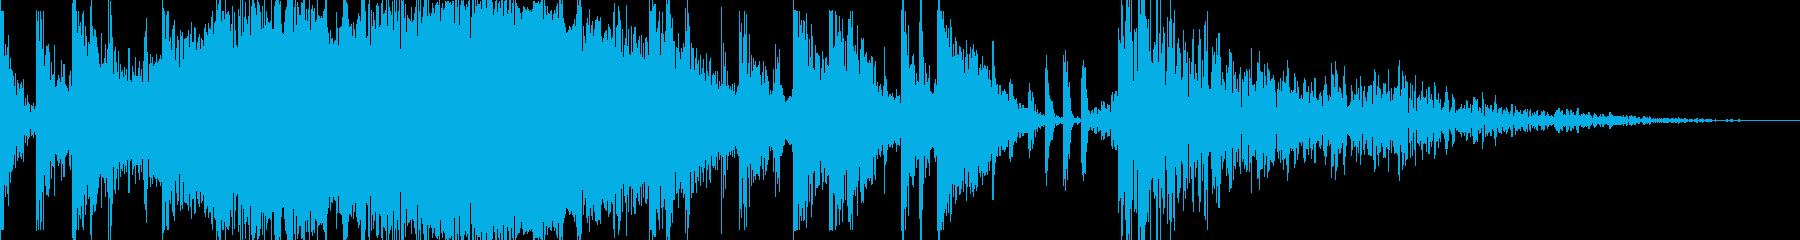 レトロなベースシンセとエフェクトパ...の再生済みの波形